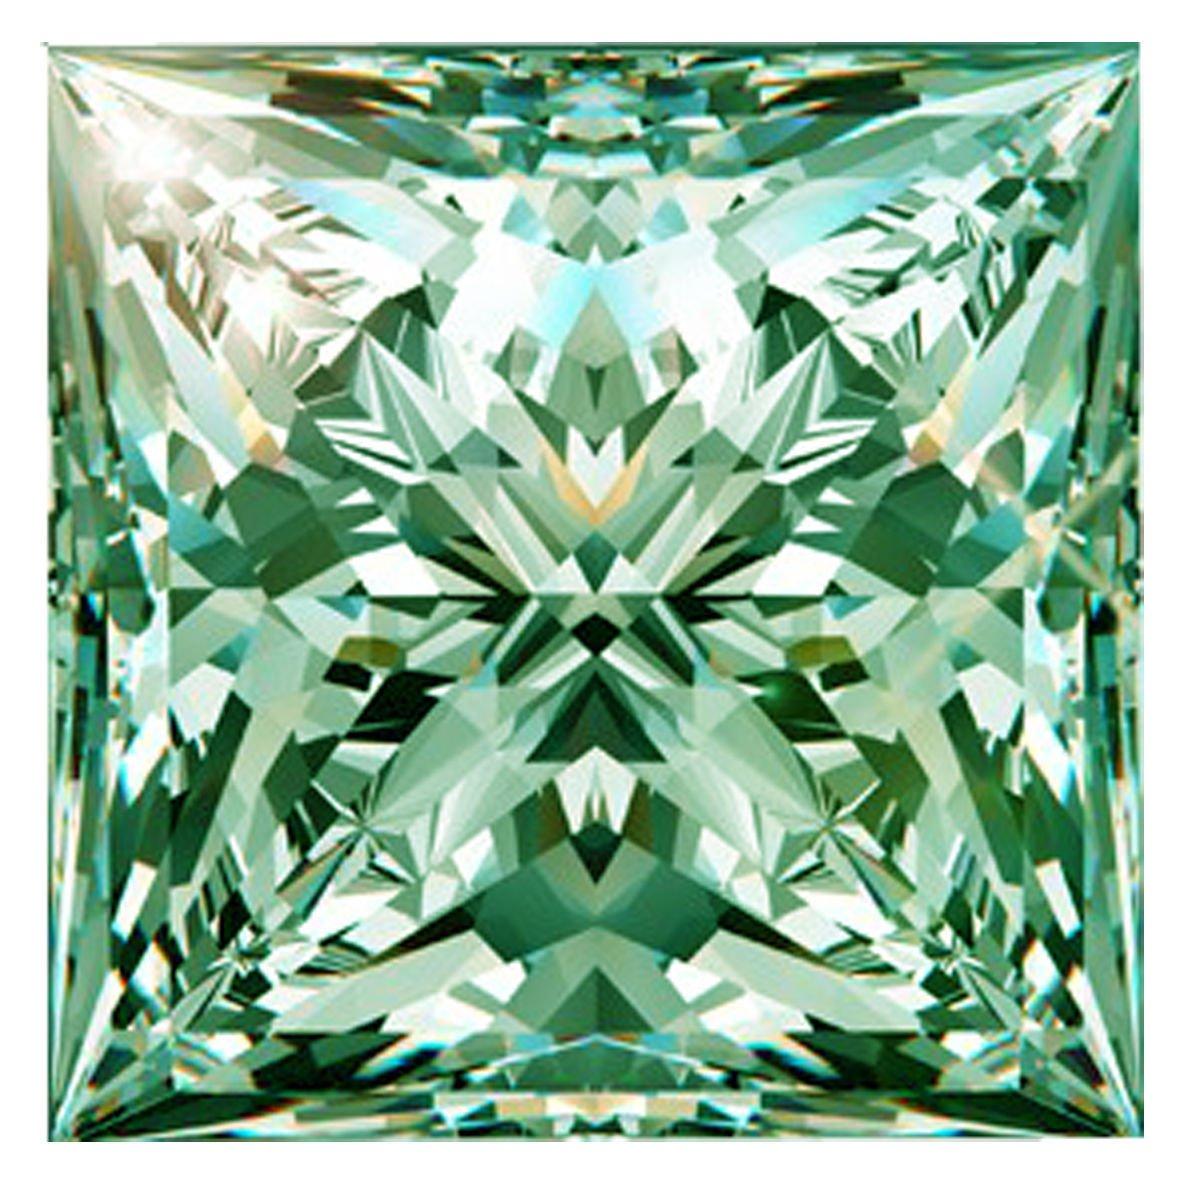 RINGJEWEL 1.66 ct VVS1 Loose Moissanite Princess Cut Use 4 Pendant/Ring Blueish Green Color Stone